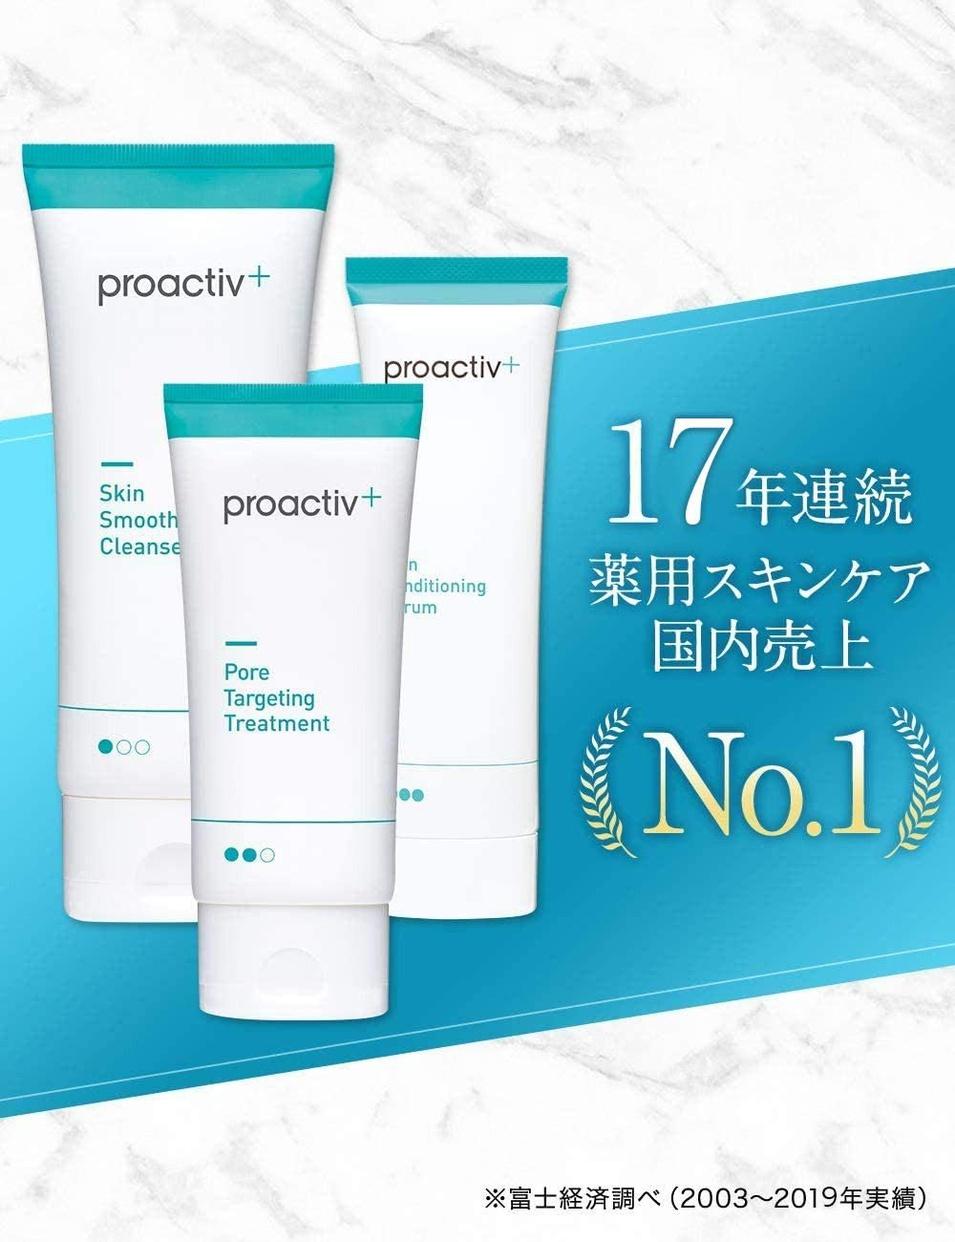 proactiv+(プロアクティブ プラス) スマート セット